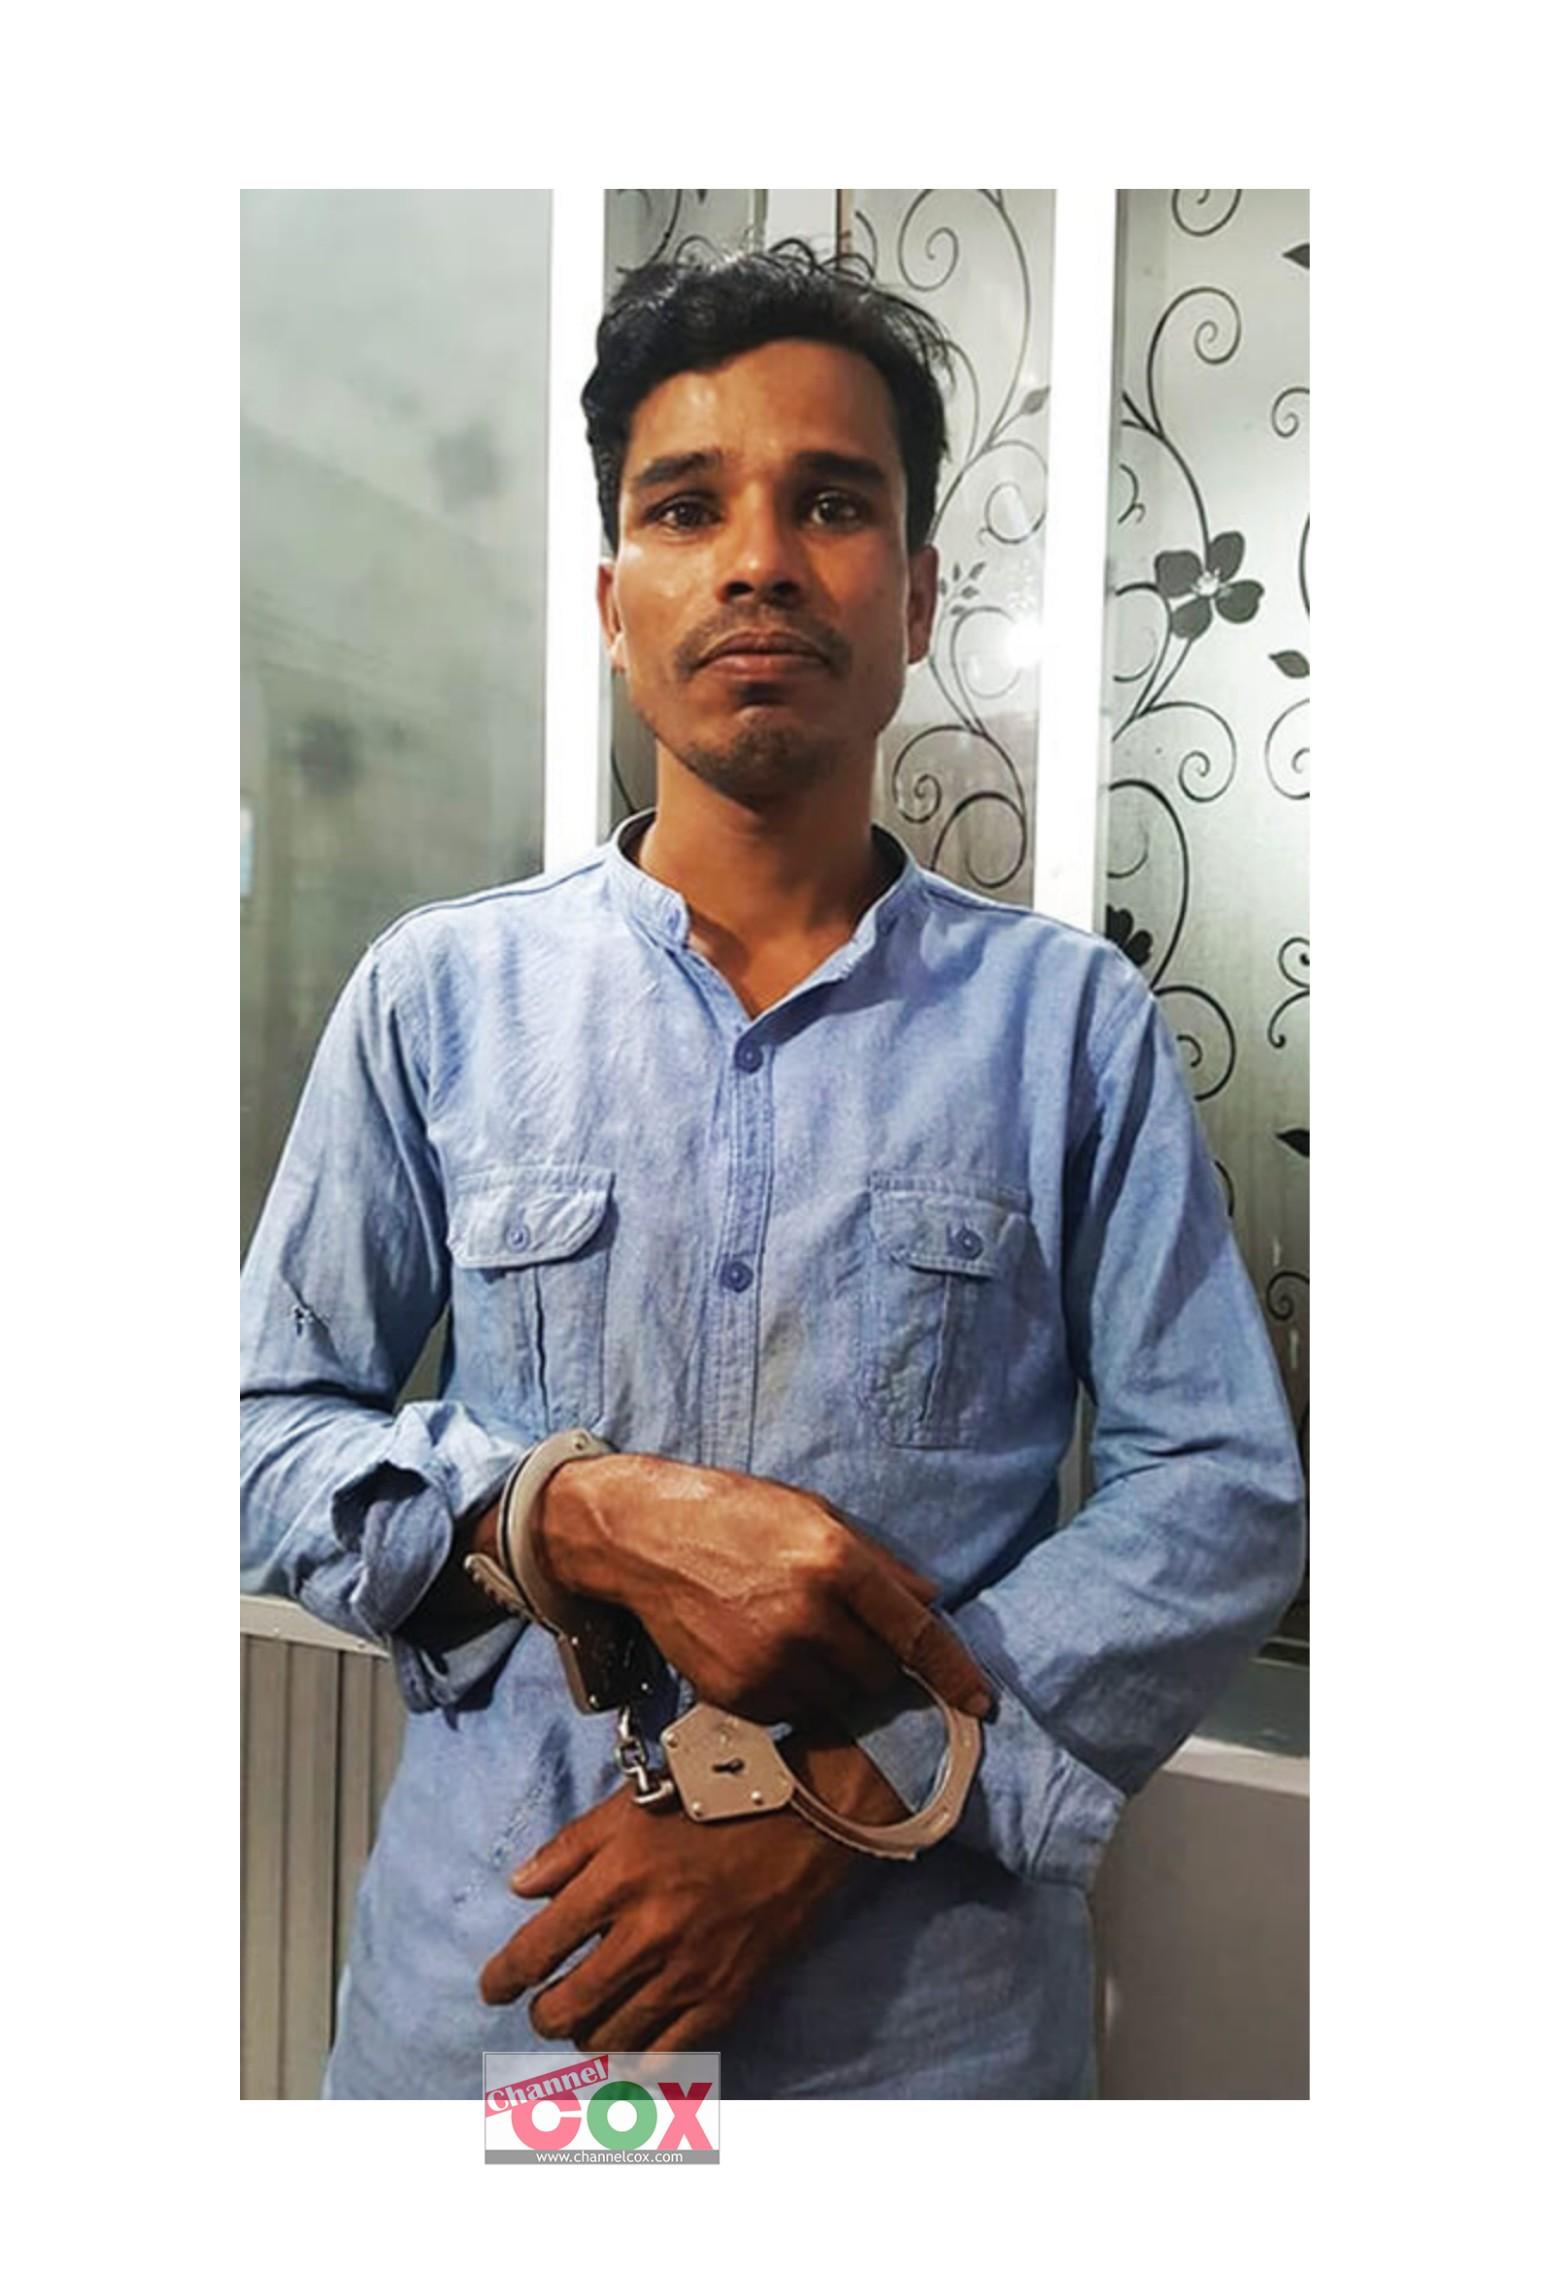 কক্সবাজারে প্রেমিকাকে পিকনিকে যেতে না দিতেখুন করলেন প্রেমিক